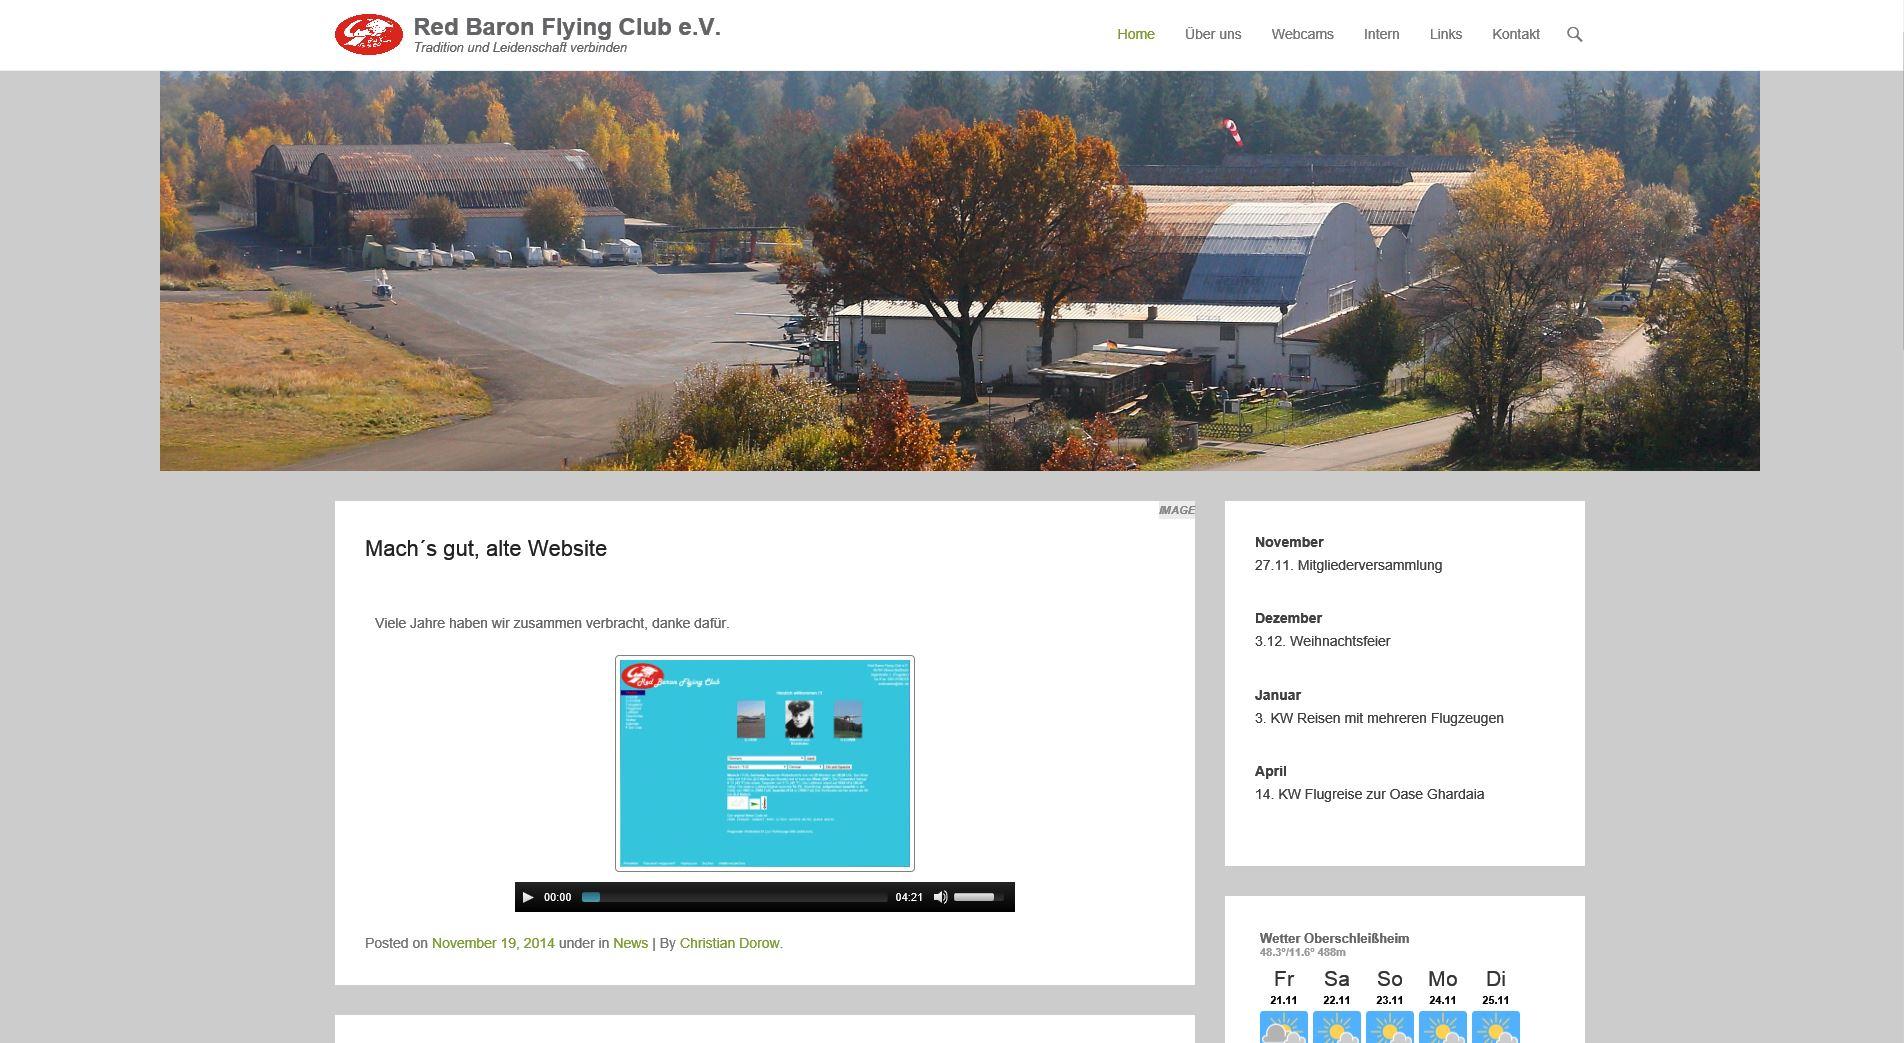 Neue Webseite für RED BARON FLYING CLUB ist Online